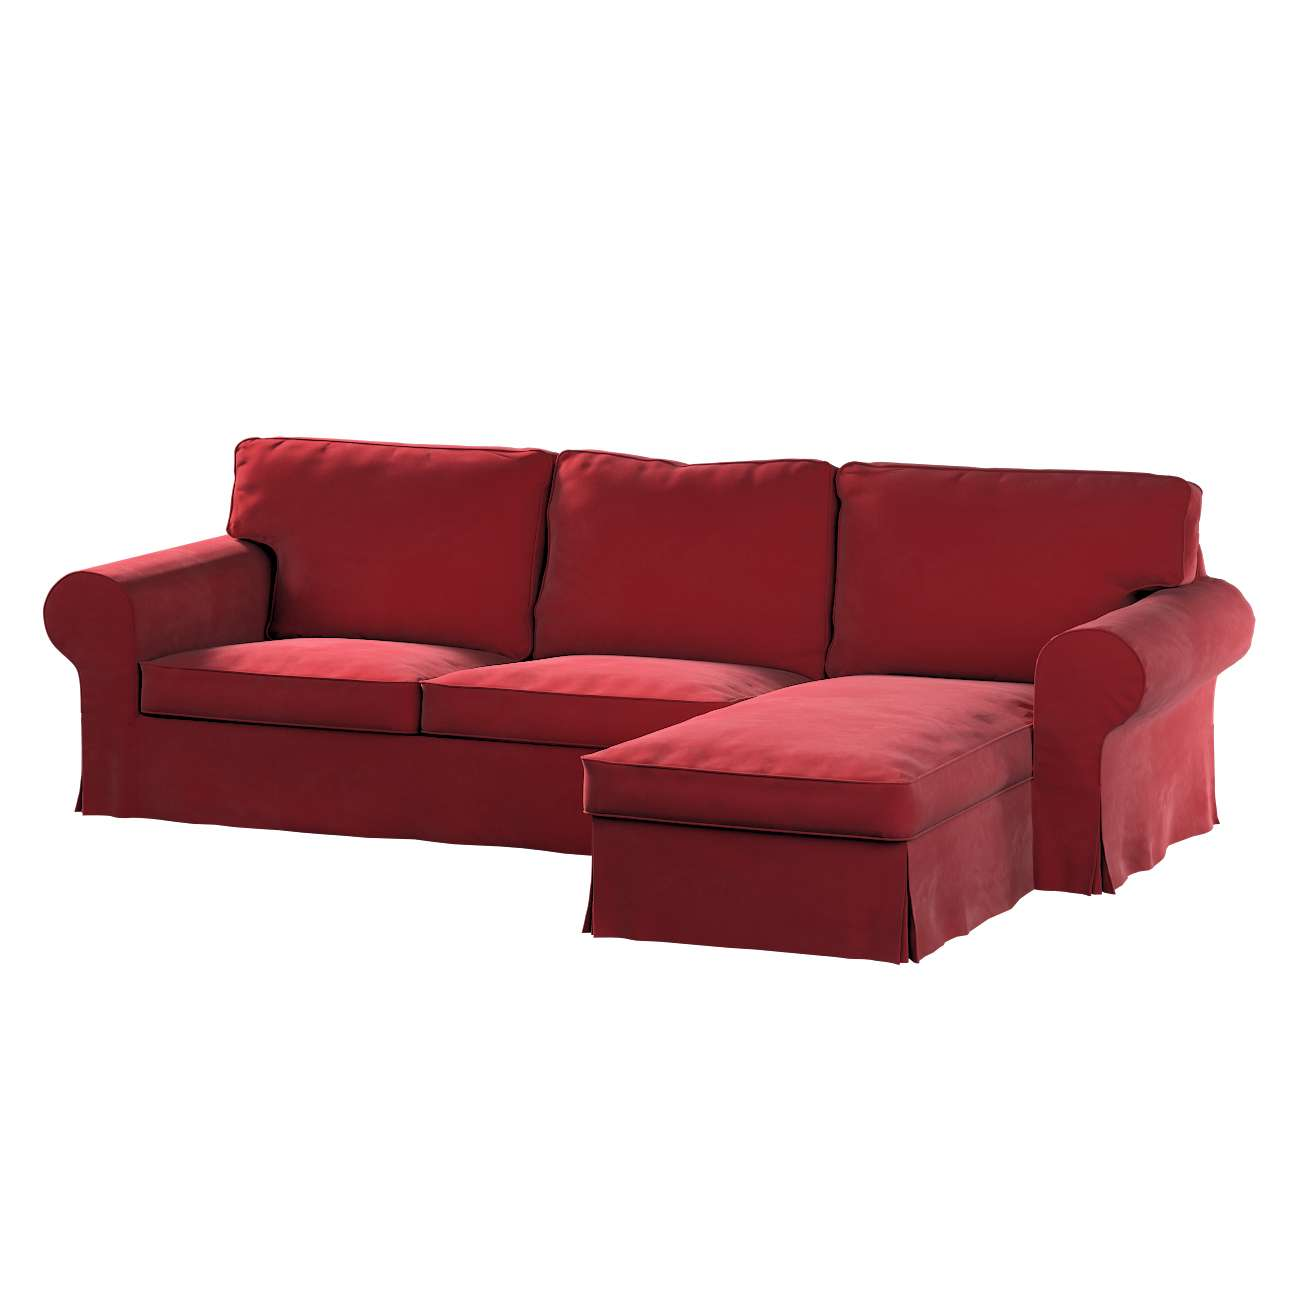 Pokrowiec na sofę Ektorp 2-osobową i leżankę w kolekcji Velvet, tkanina: 704-15